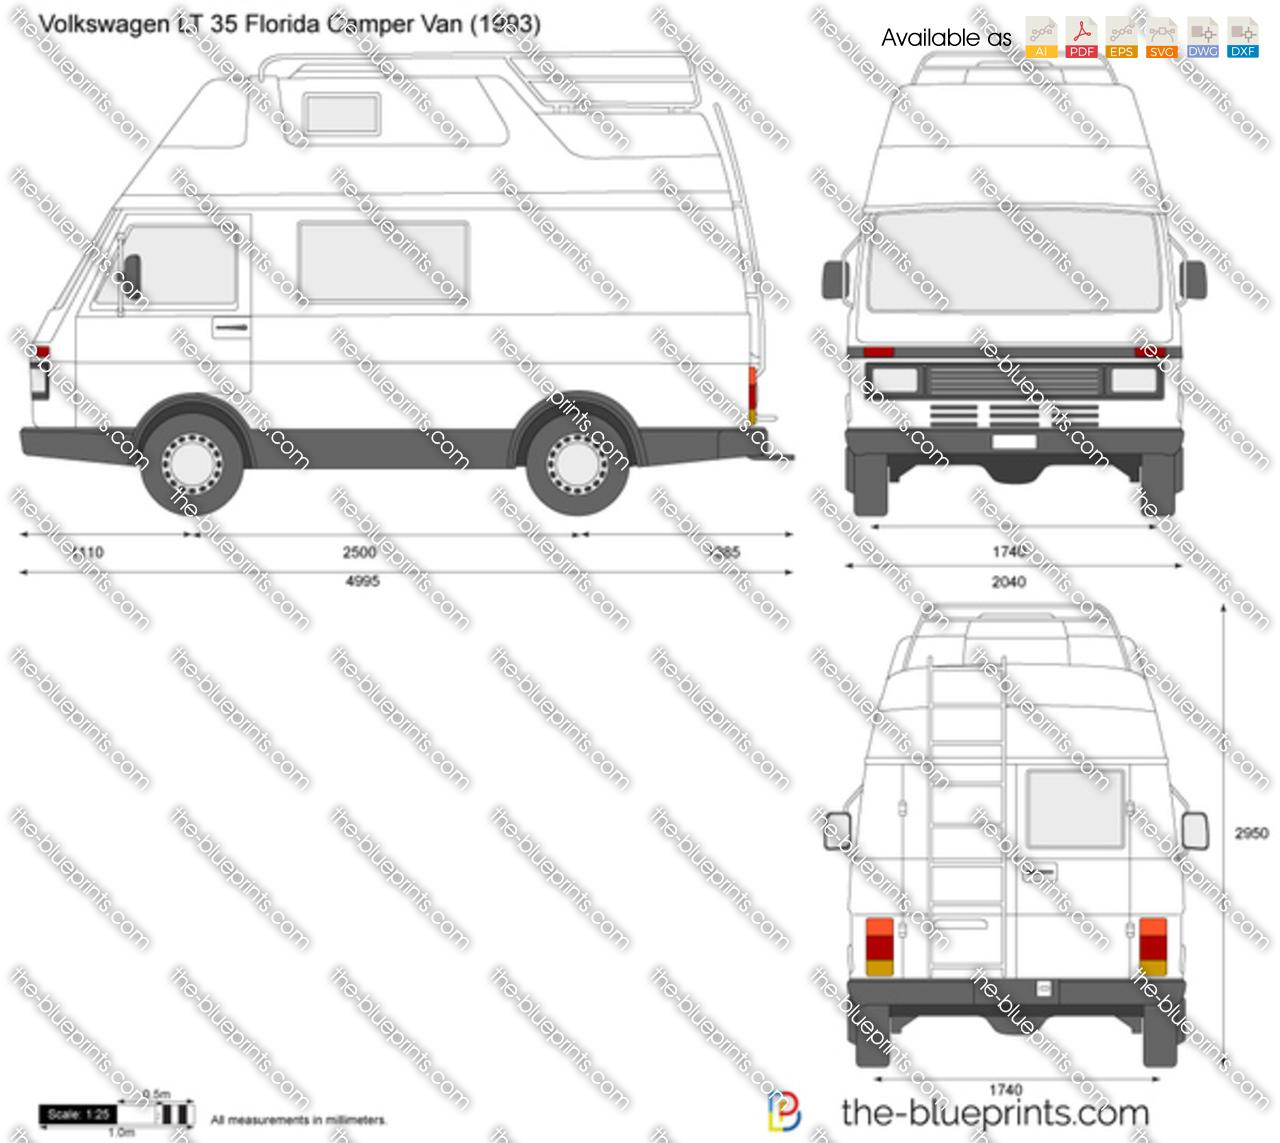 Volkswagen LT 35 Florida Camper Van